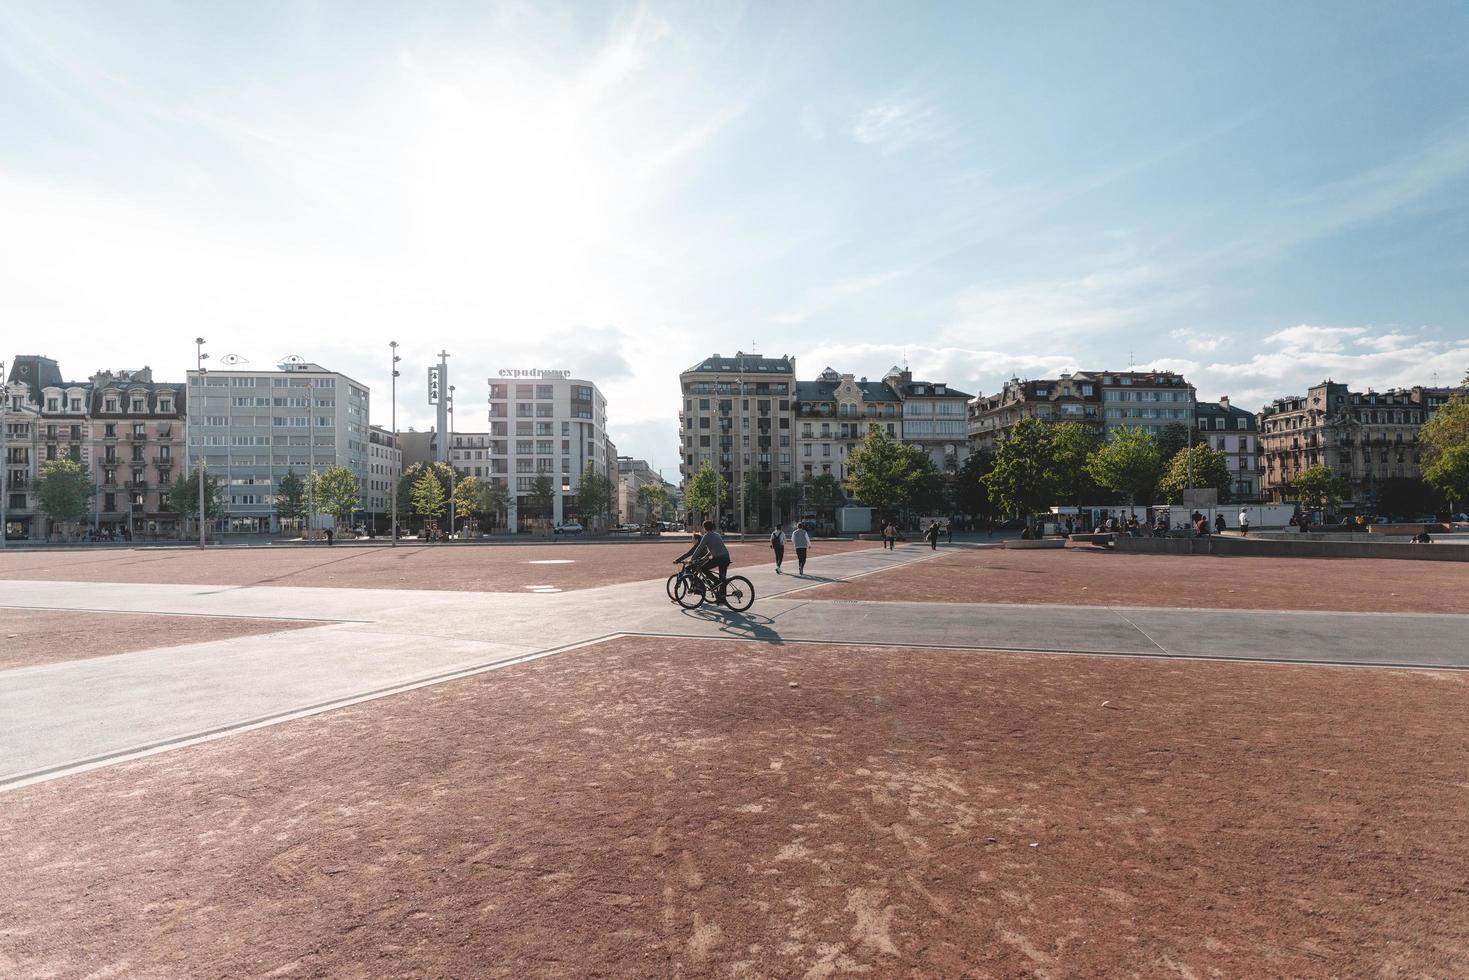 Genève, Zwitserland, 2019-toeristen verzamelen zich in het geasfalteerde stadscentrum foto